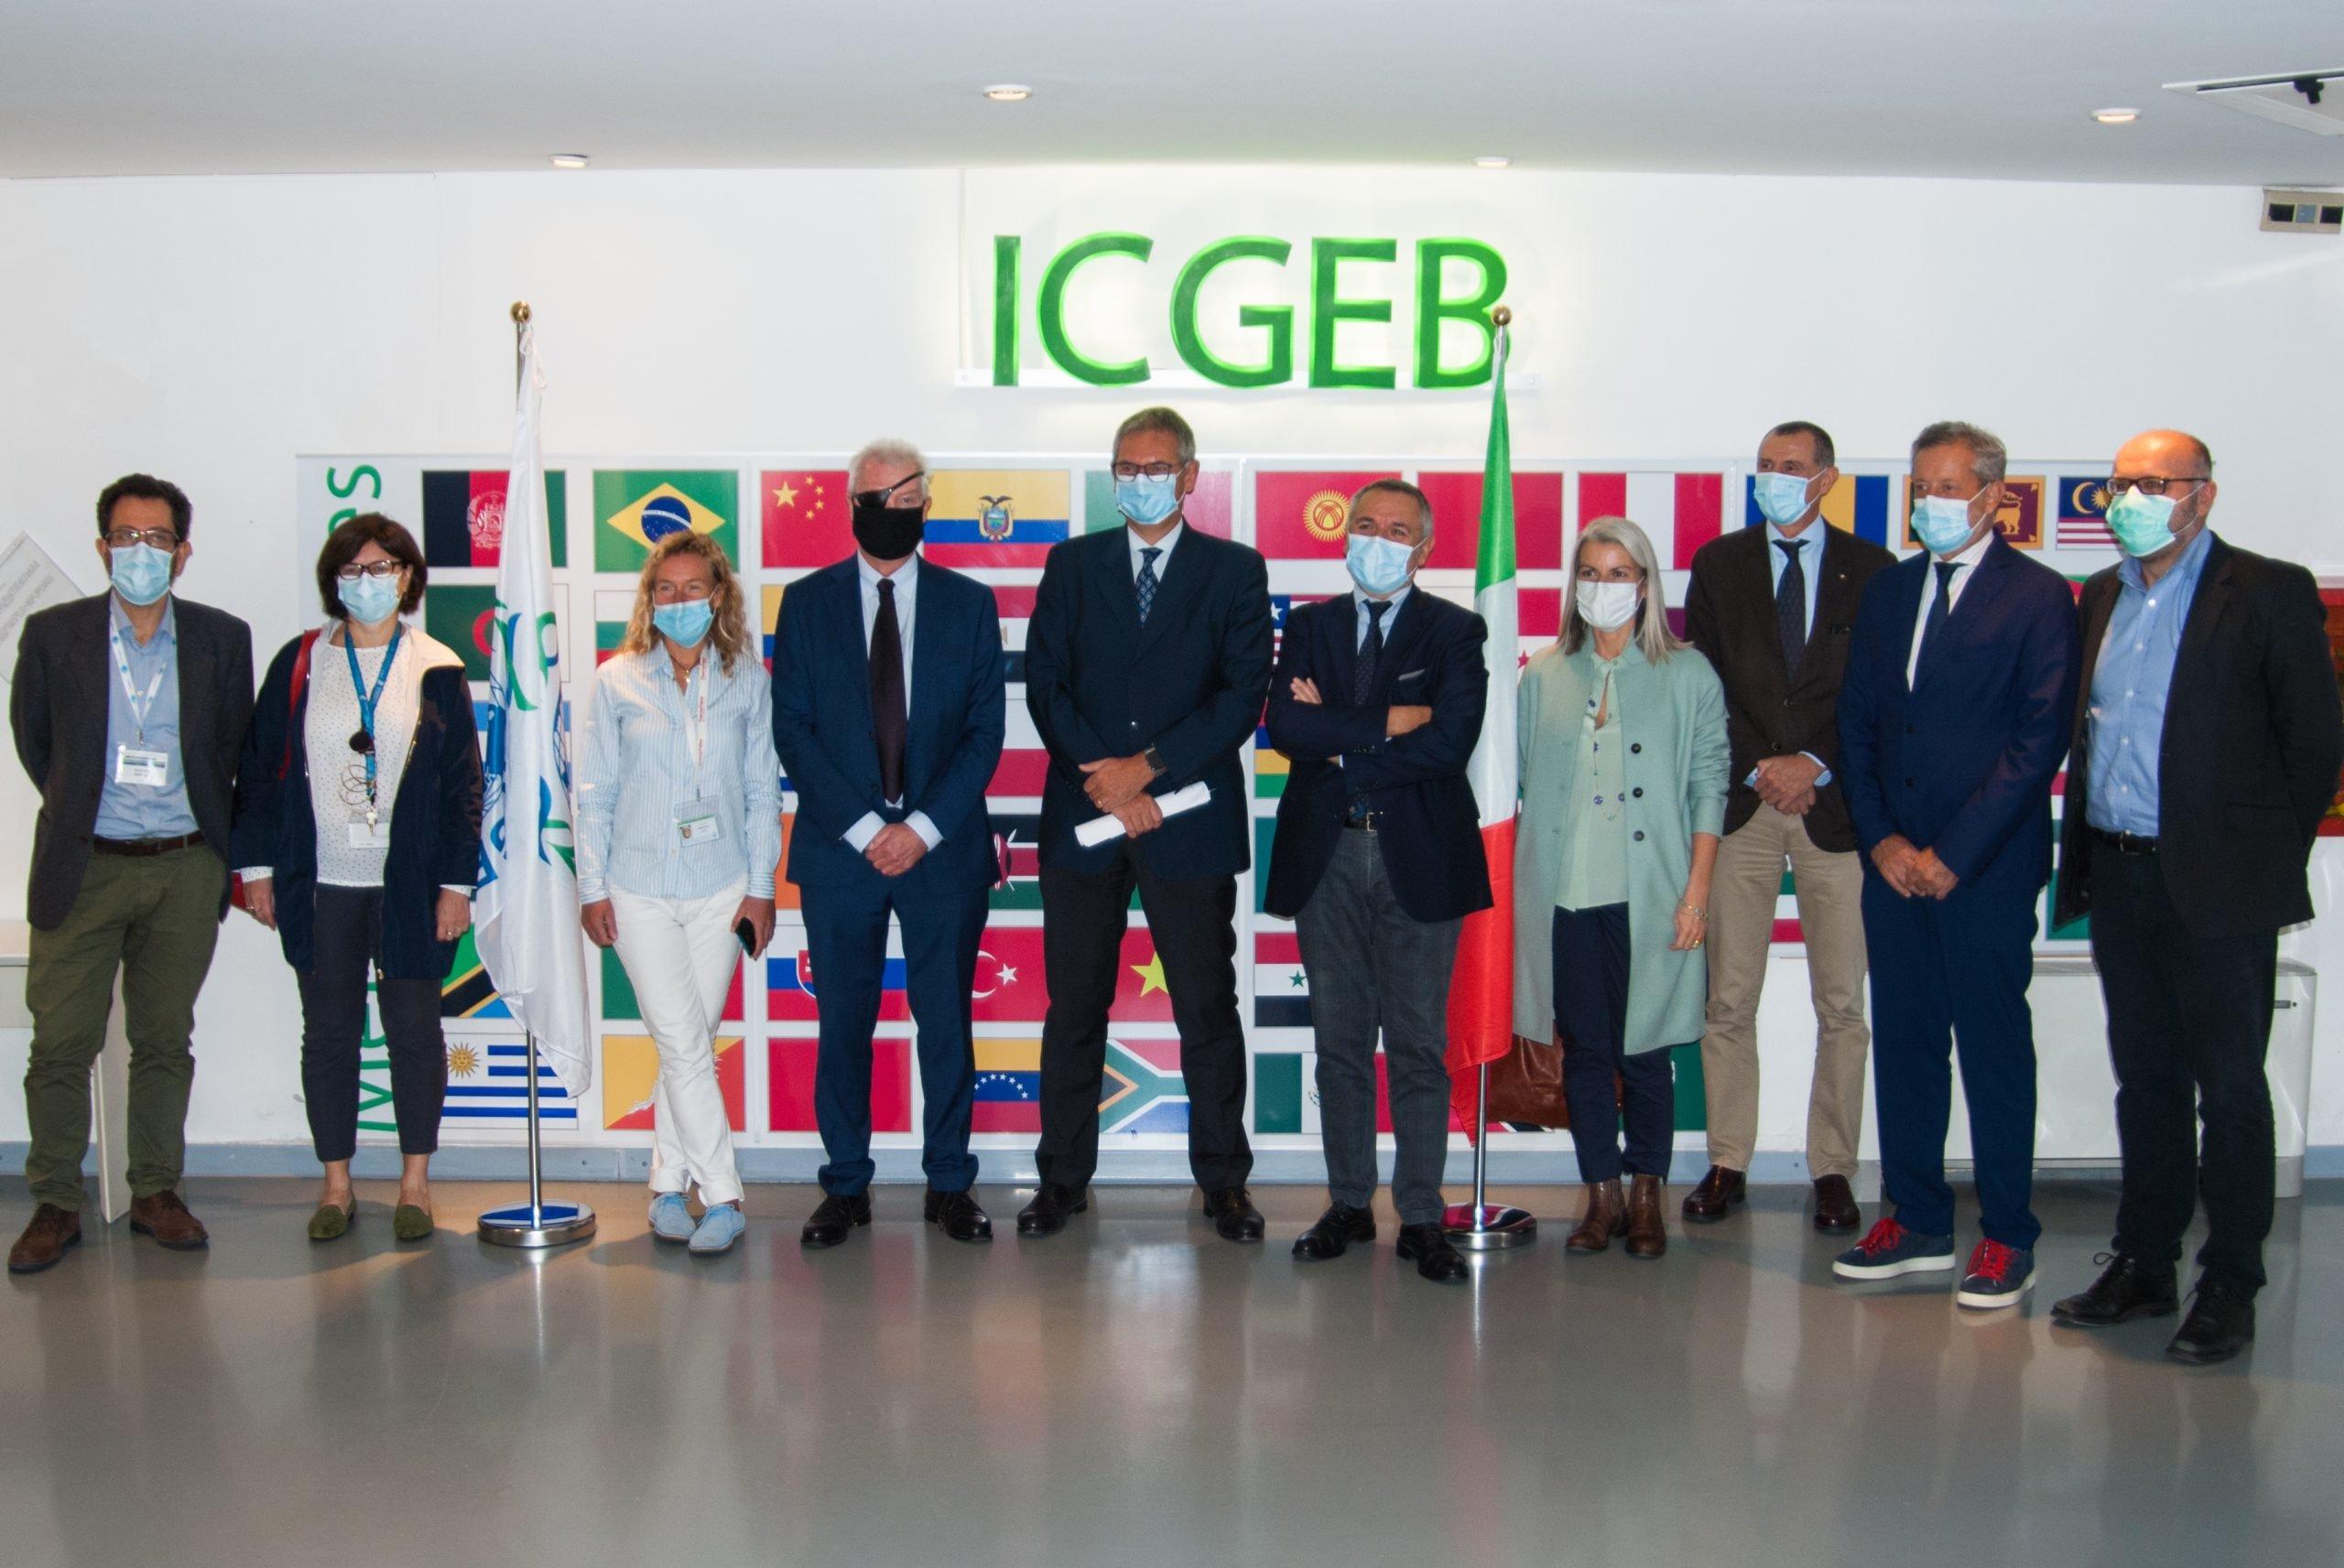 UniTS ICGEB convenzione